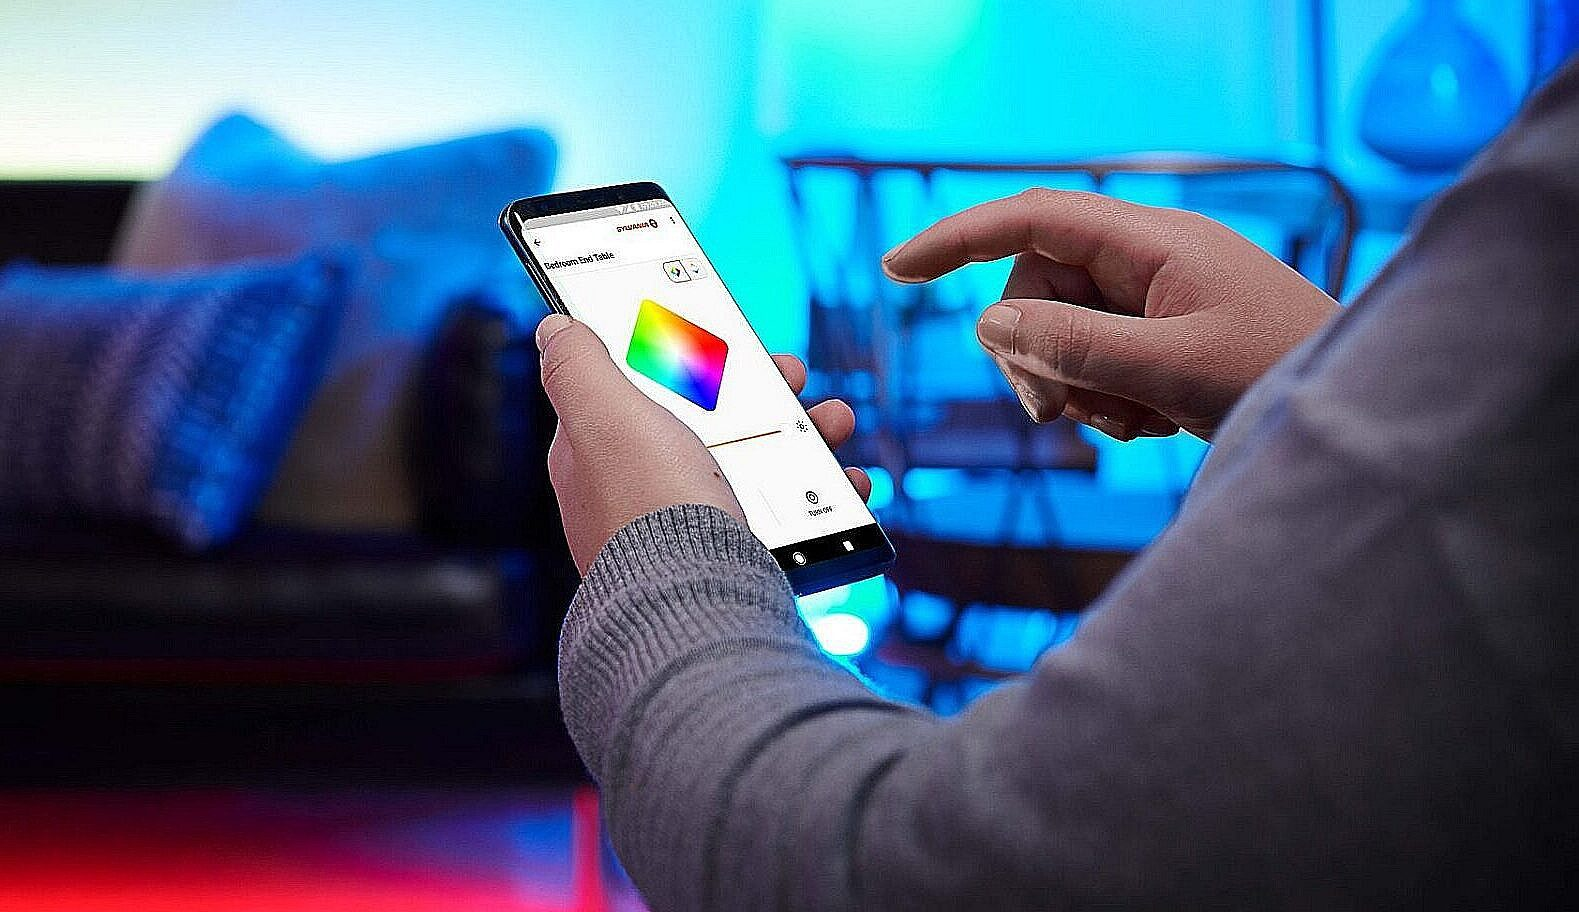 Styring af lys via smartphone